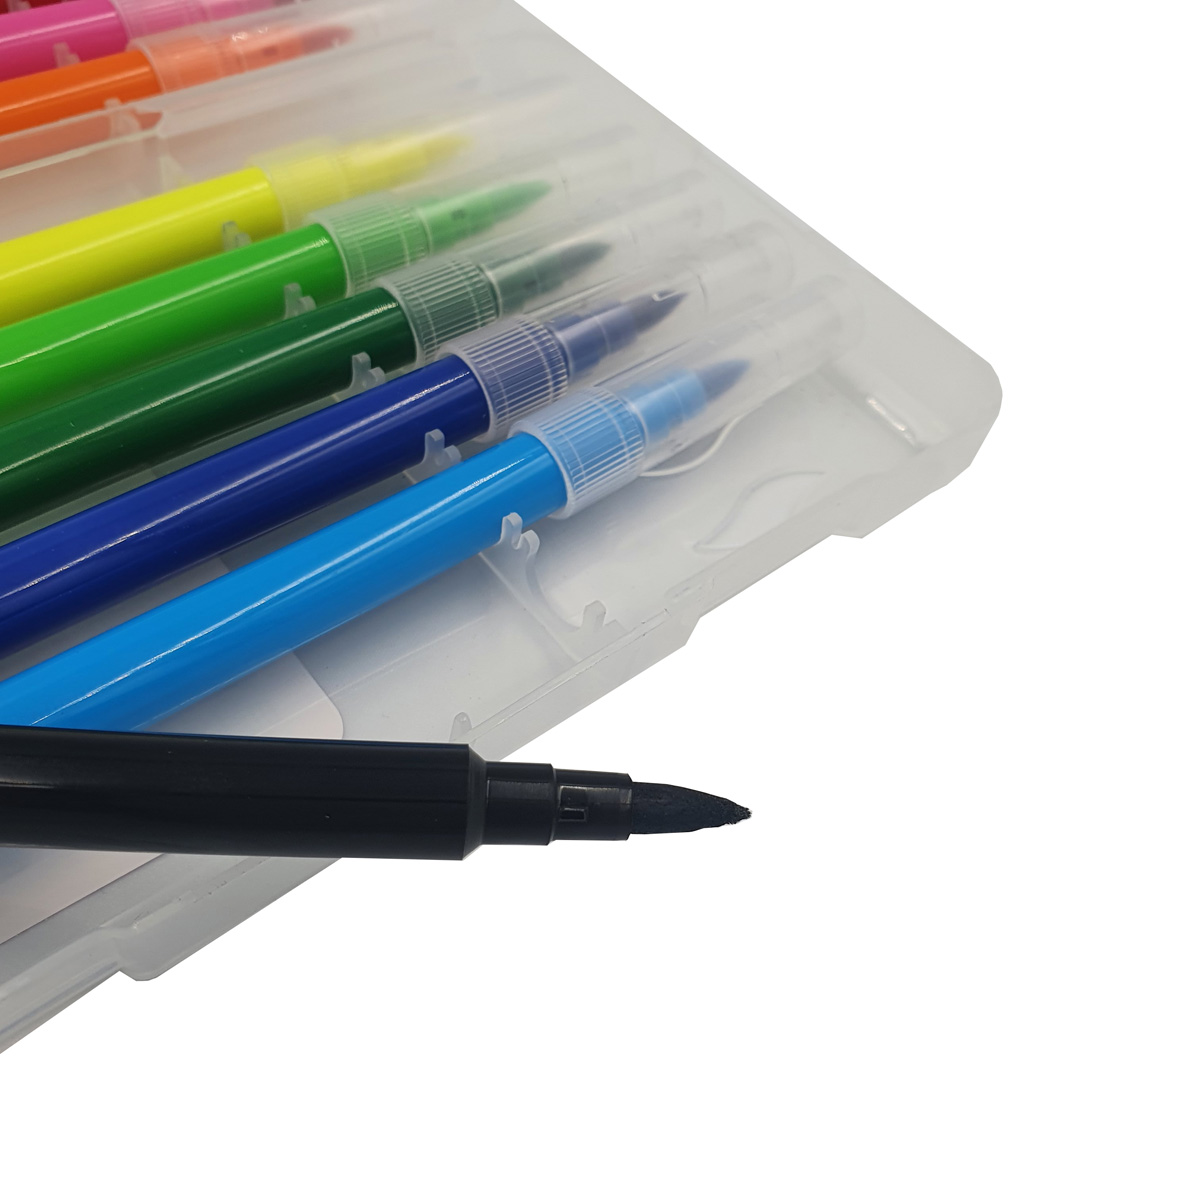 12 Canetas Hidrográficas Brush Pen Coloridas com estojo